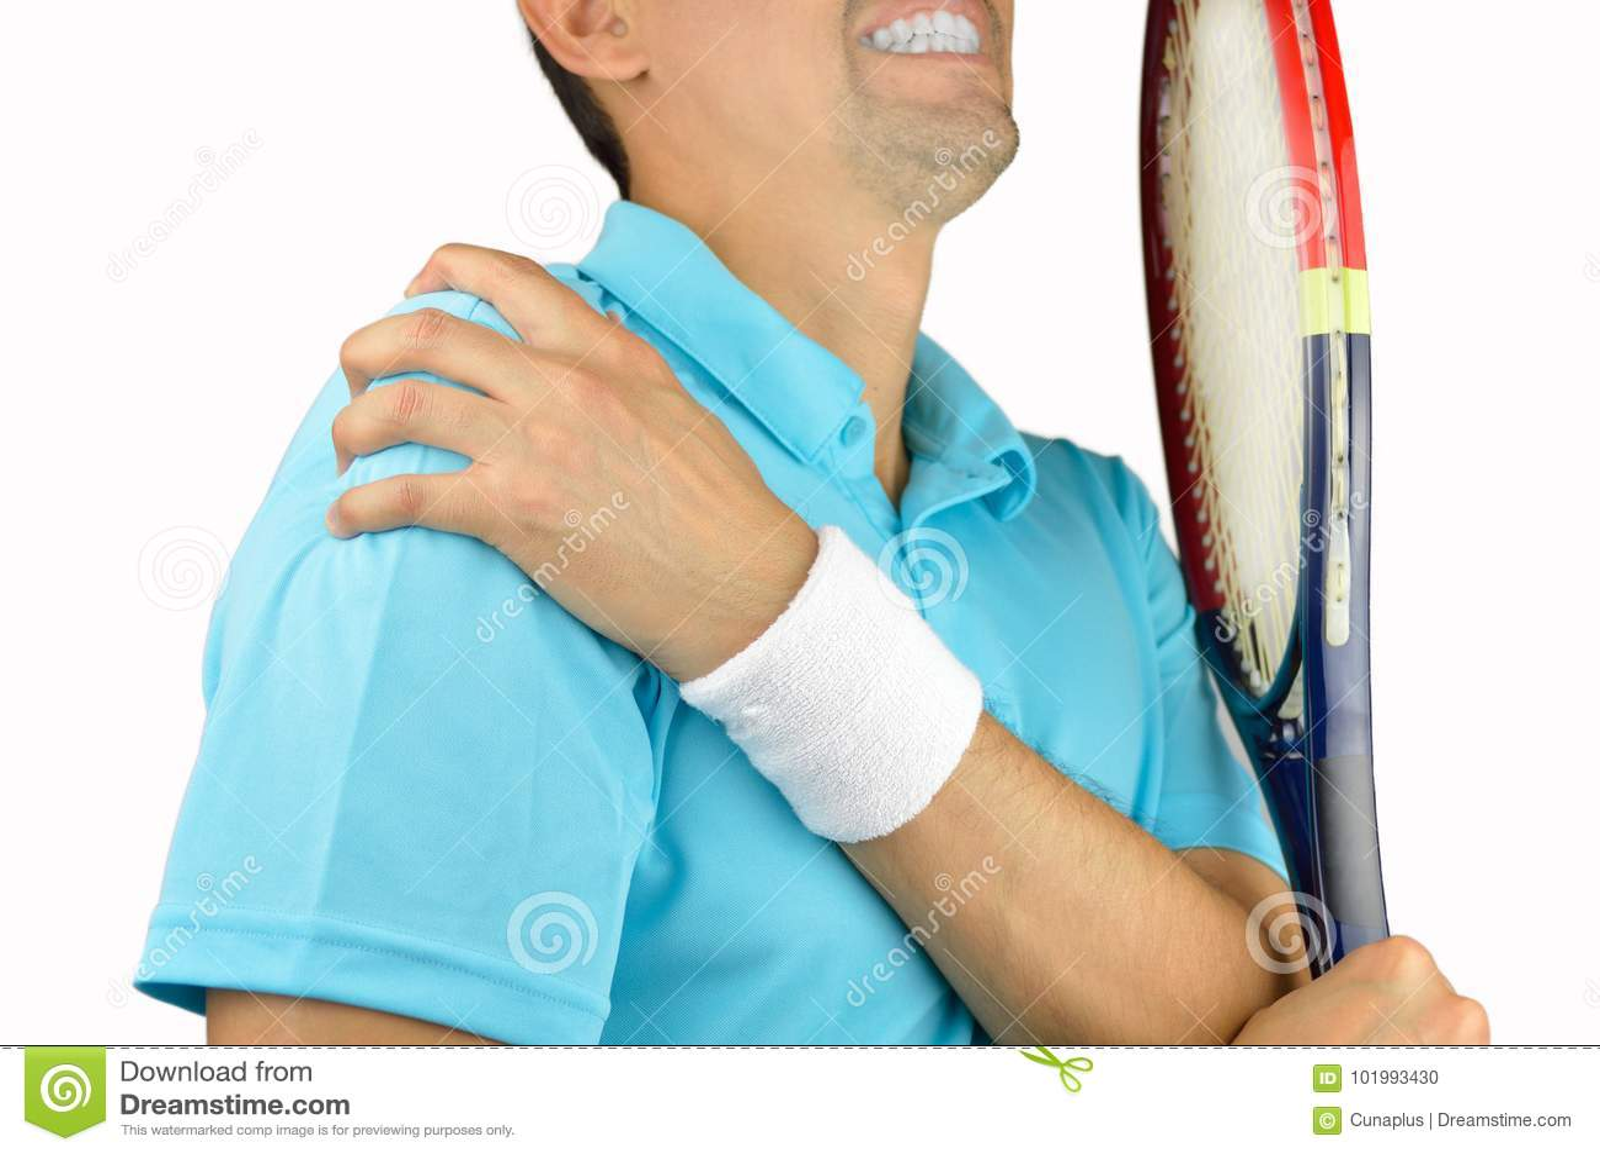 Jugador con dolor en hombro